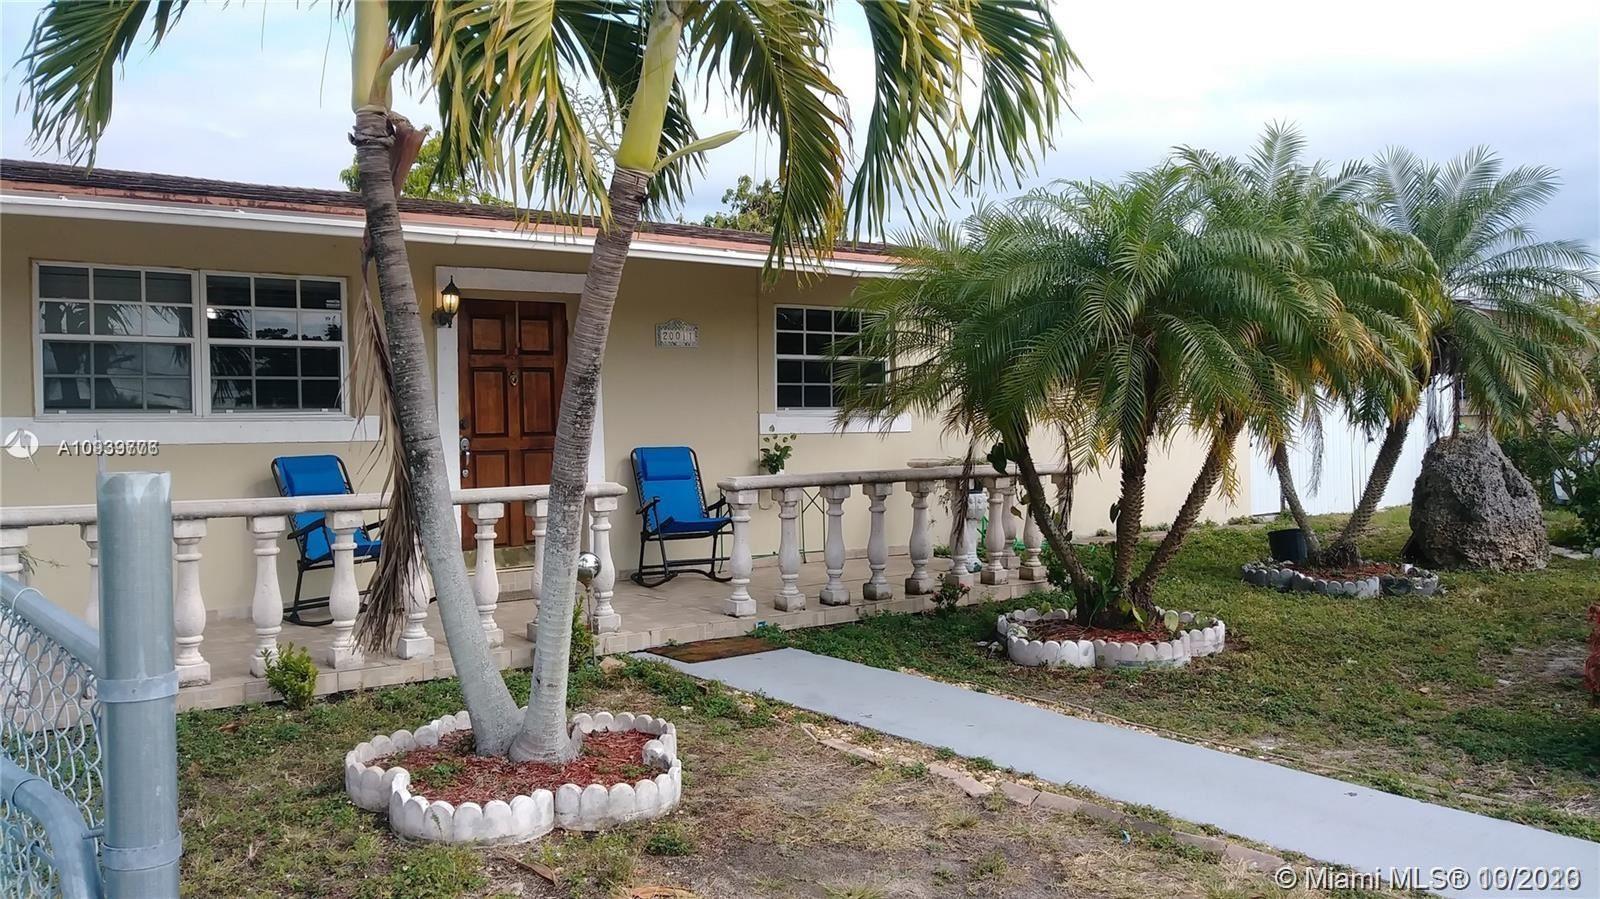 20011 SW 114th Ave, Miami, FL 33189 - #: A10939776